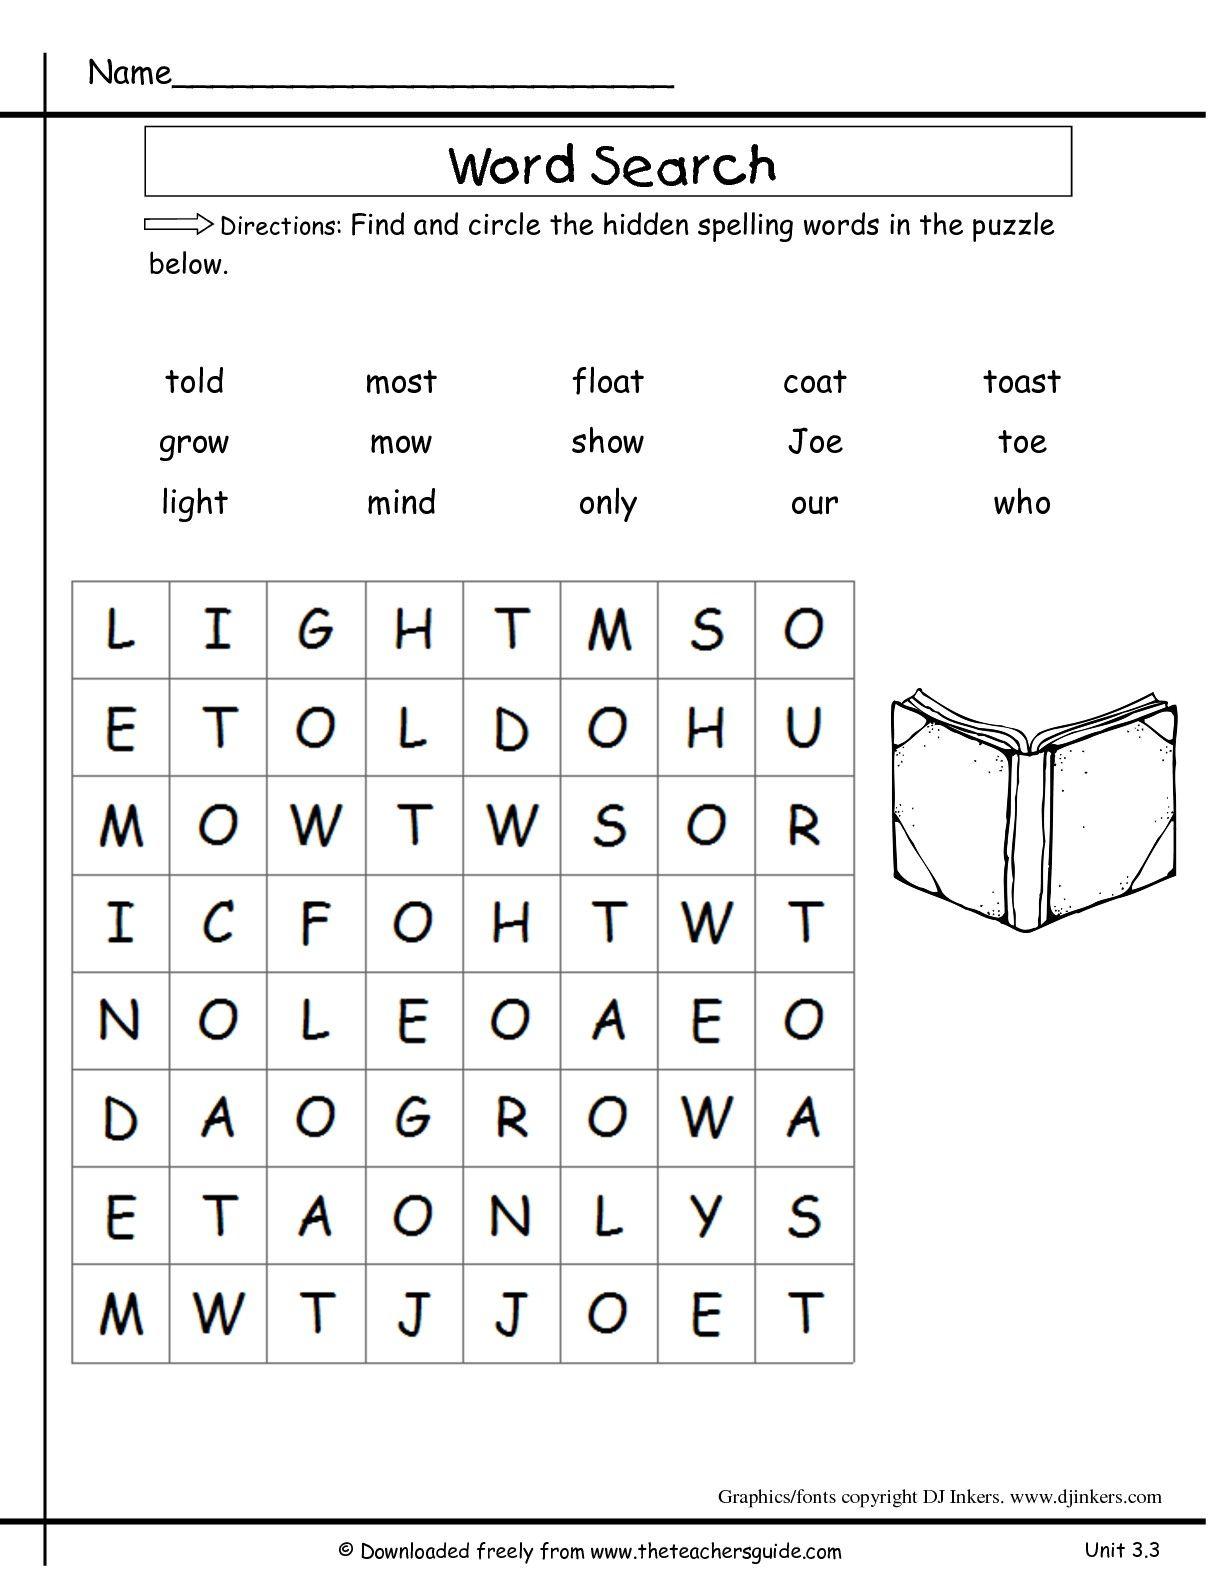 medium resolution of unitthreeweekthreespellingsearchttg-001-001.jpg (1224×1584)   Grade spelling